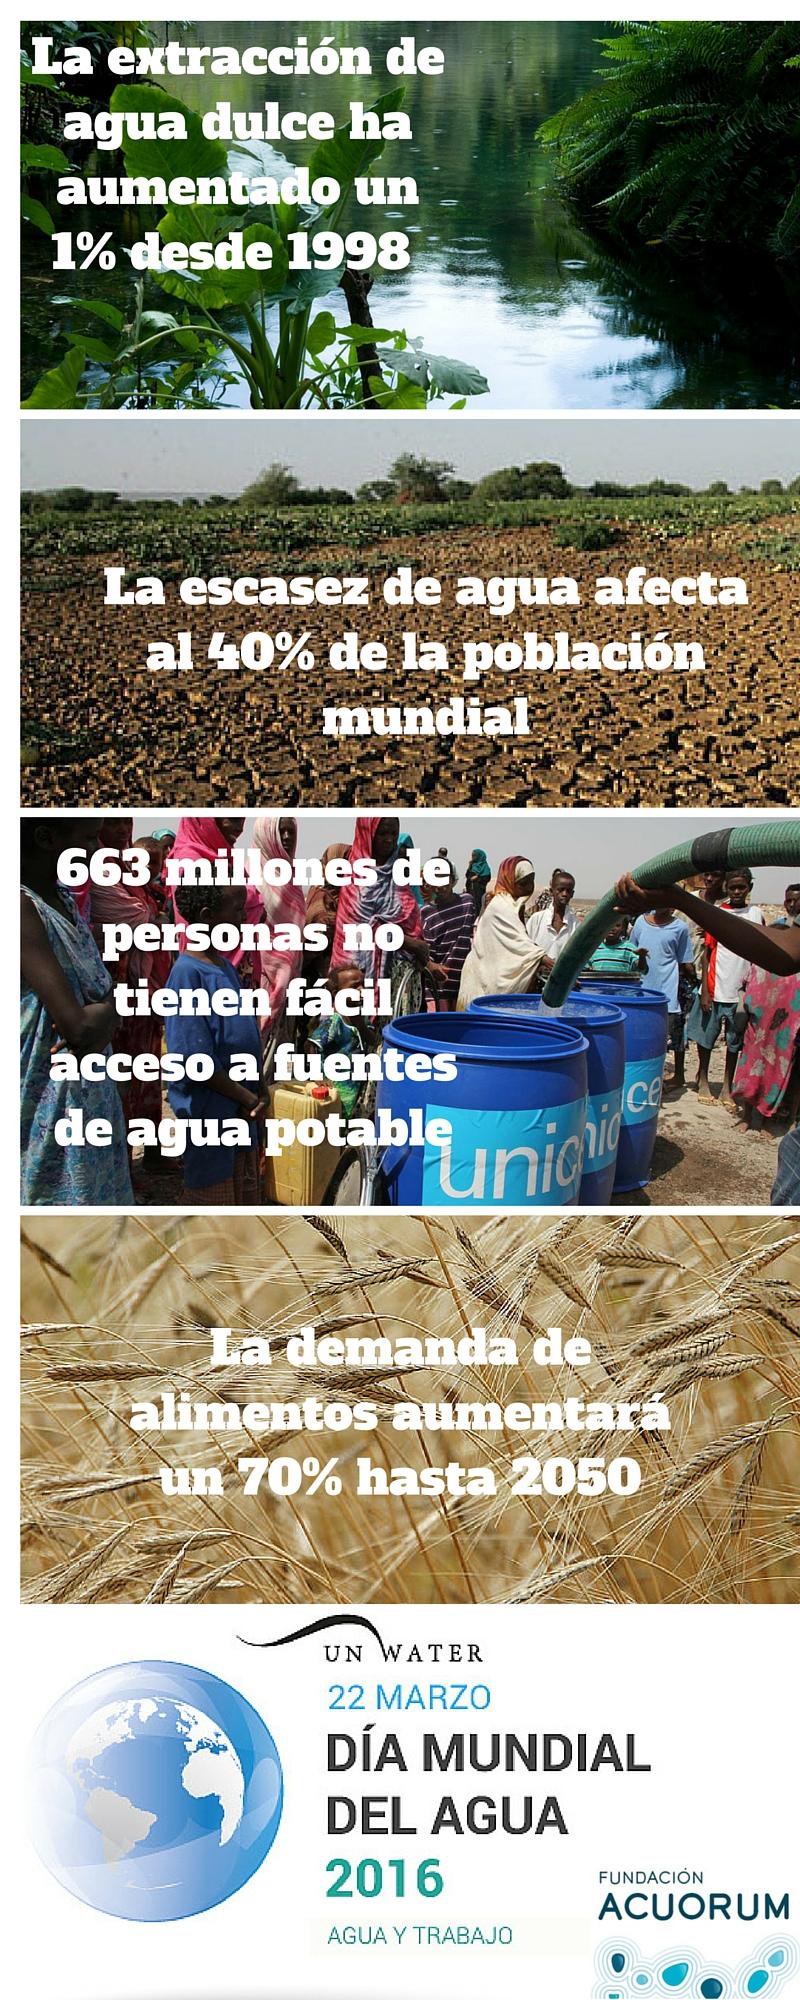 Fuente: Fundación Acuorum.